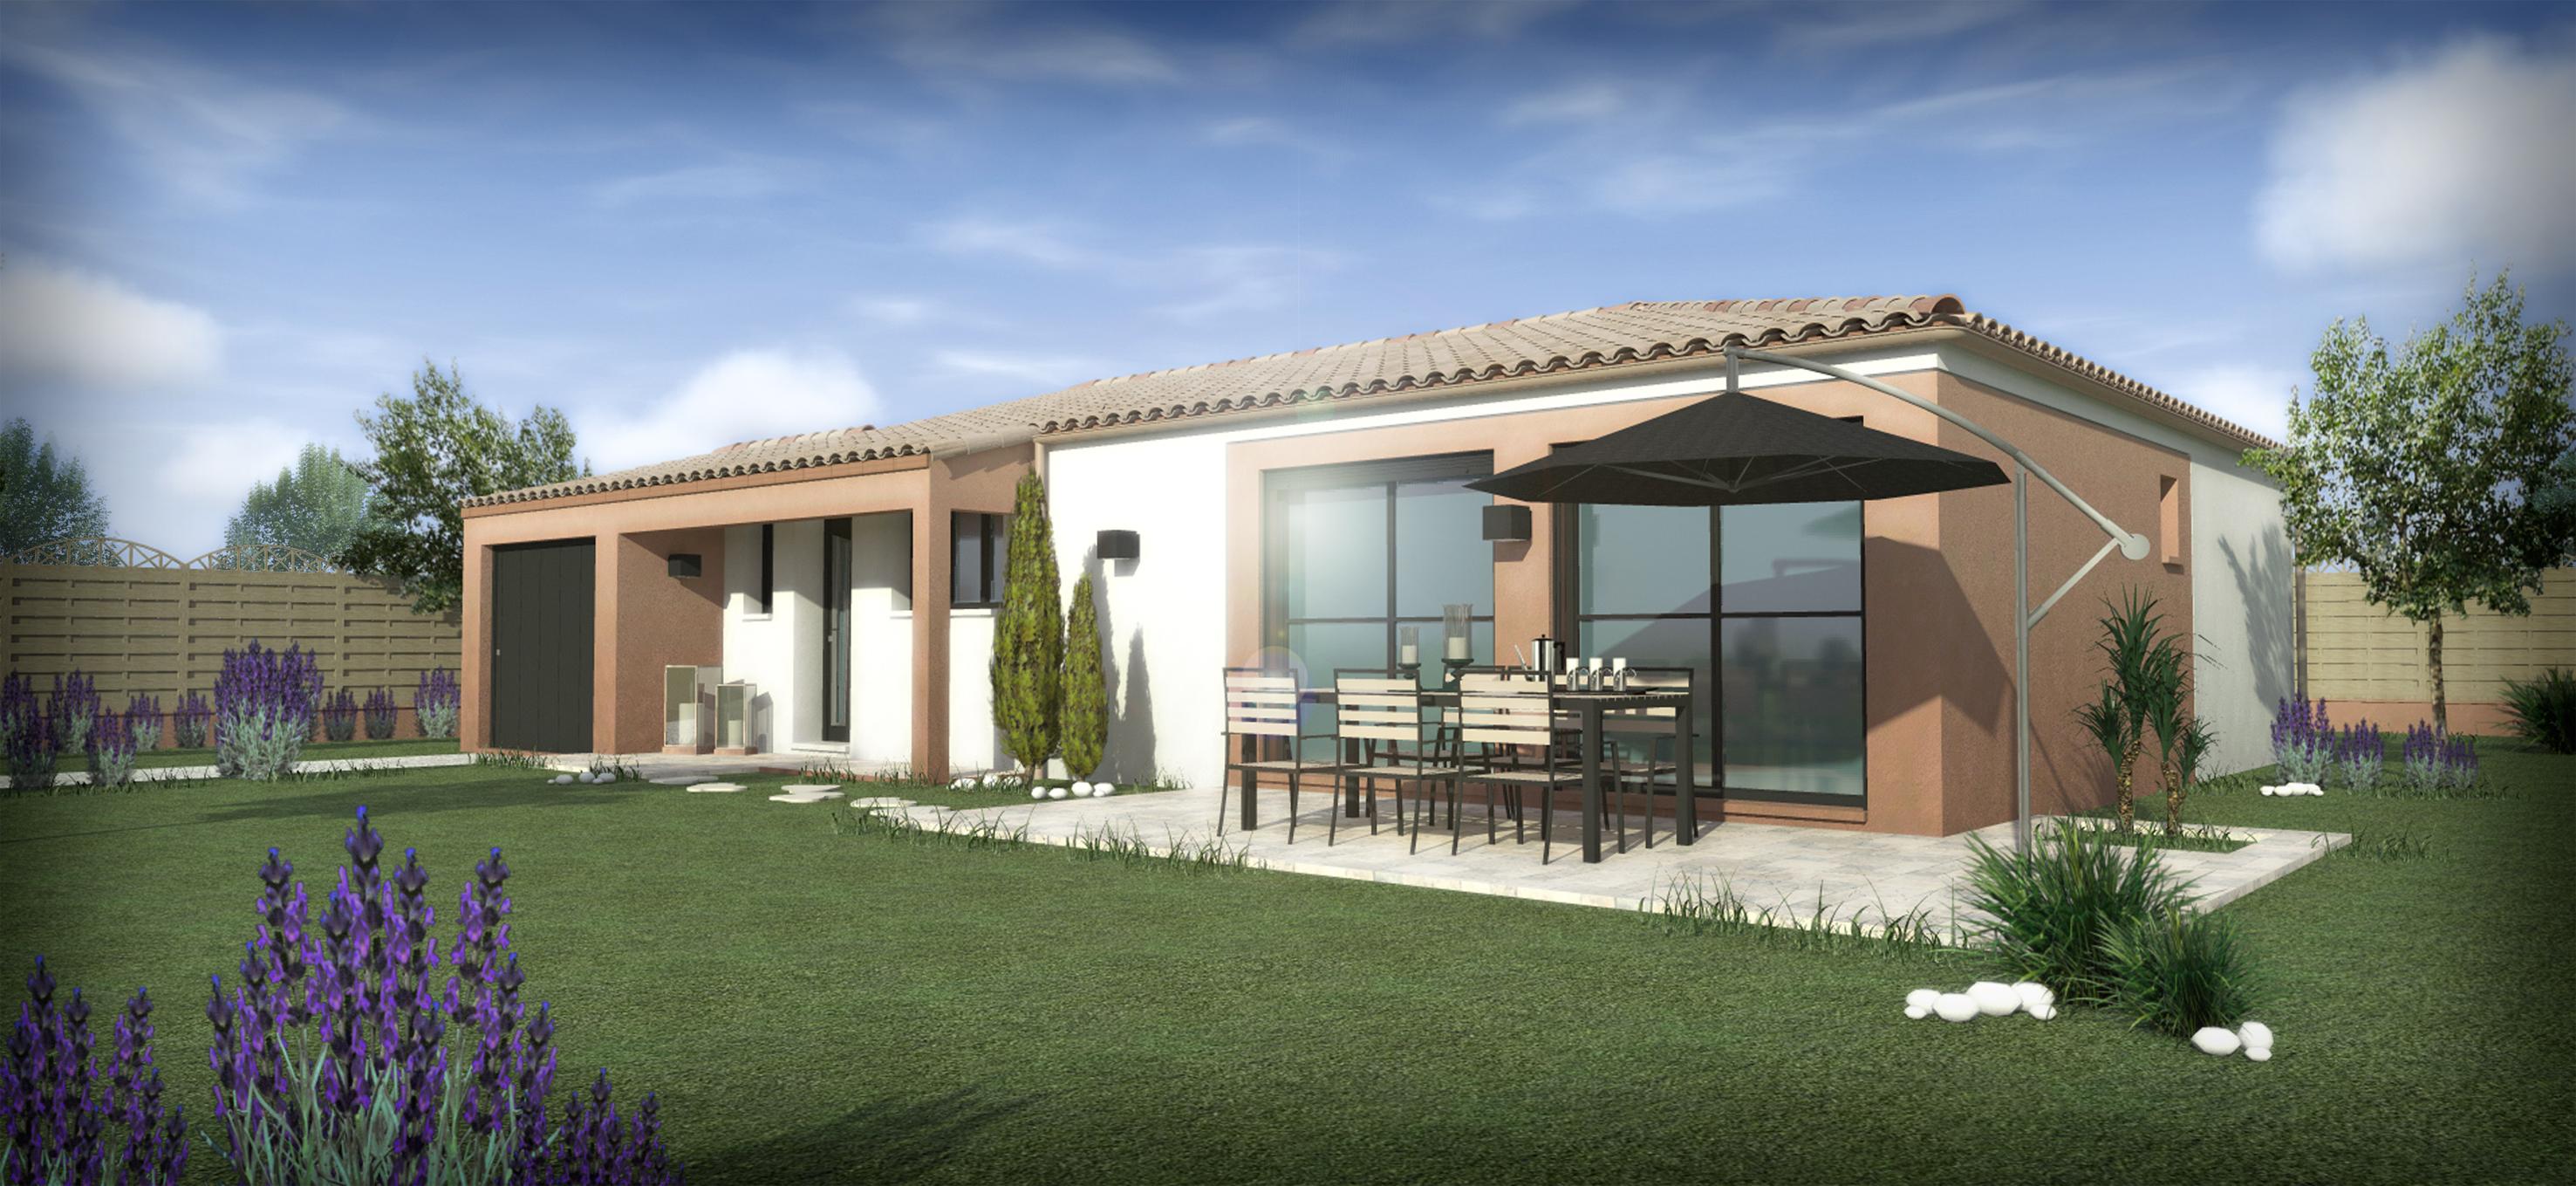 Maisons + Terrains du constructeur SM 11 • 90 m² • MAGALAS